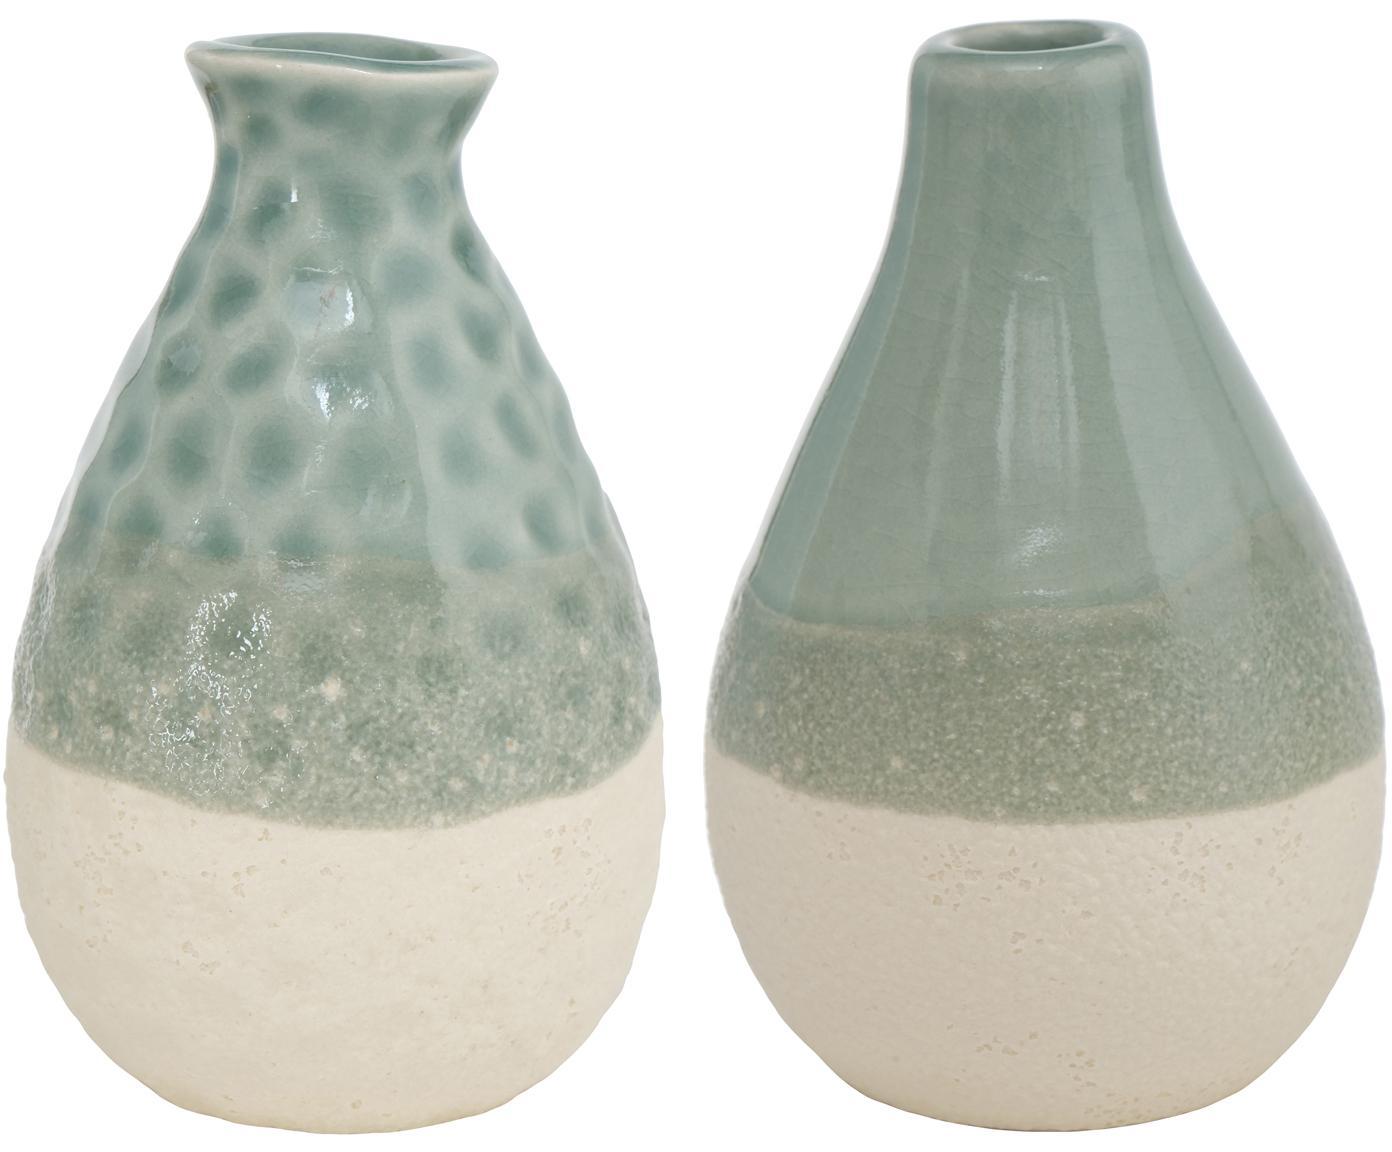 Komplet wazonów z kamionki  Carney, 2 elem., Kamionka, Zielony, beżowy, Ø 7 x W 11 cm